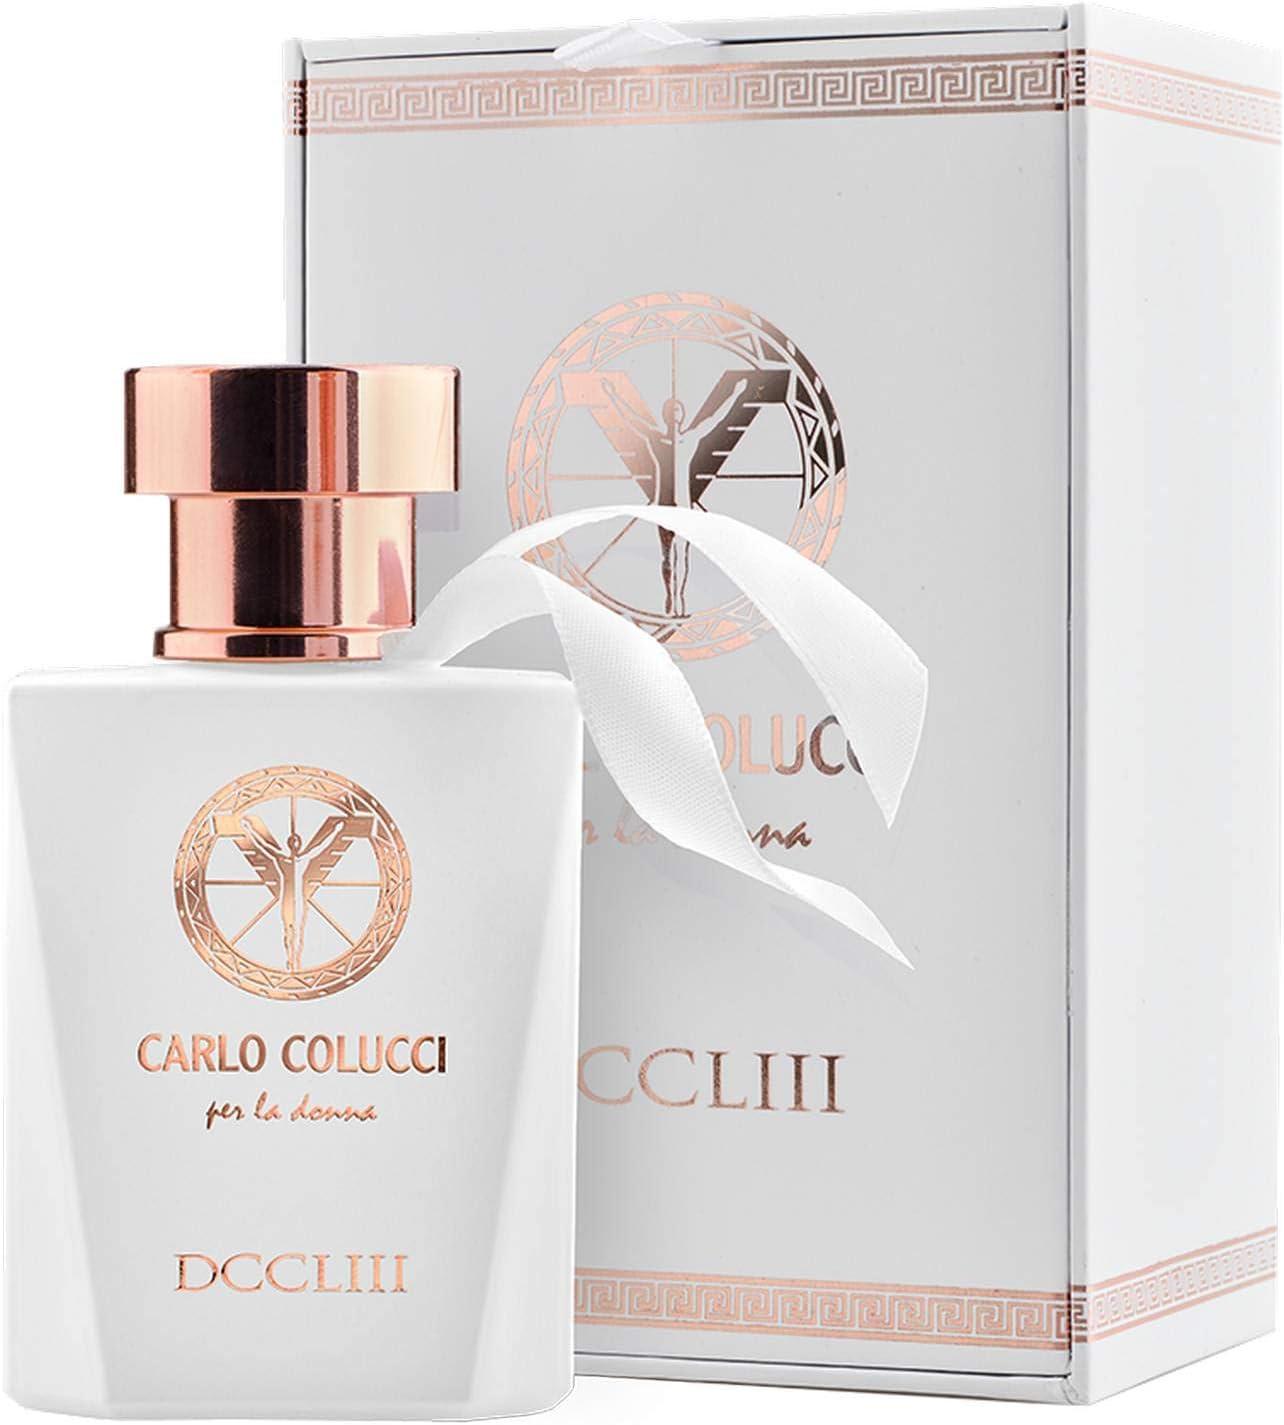 Carlo Colucci per la donna Dccliii 50